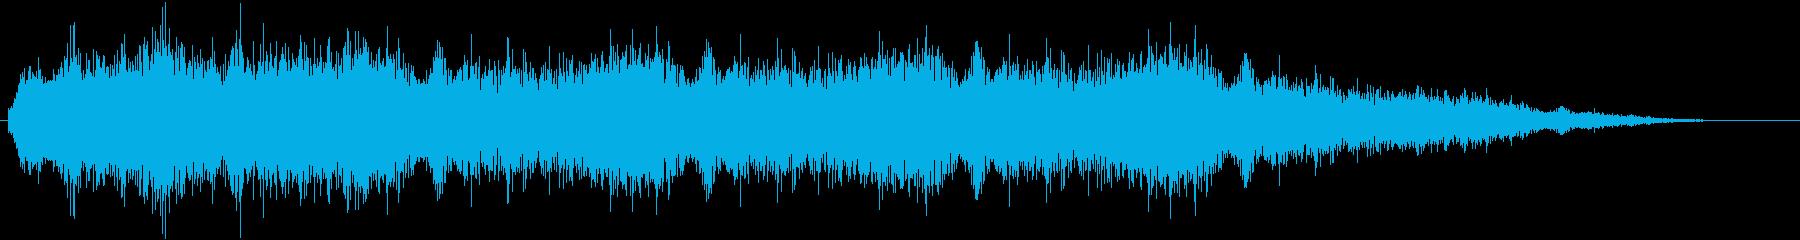 メタリックホバースライド、スペース...の再生済みの波形